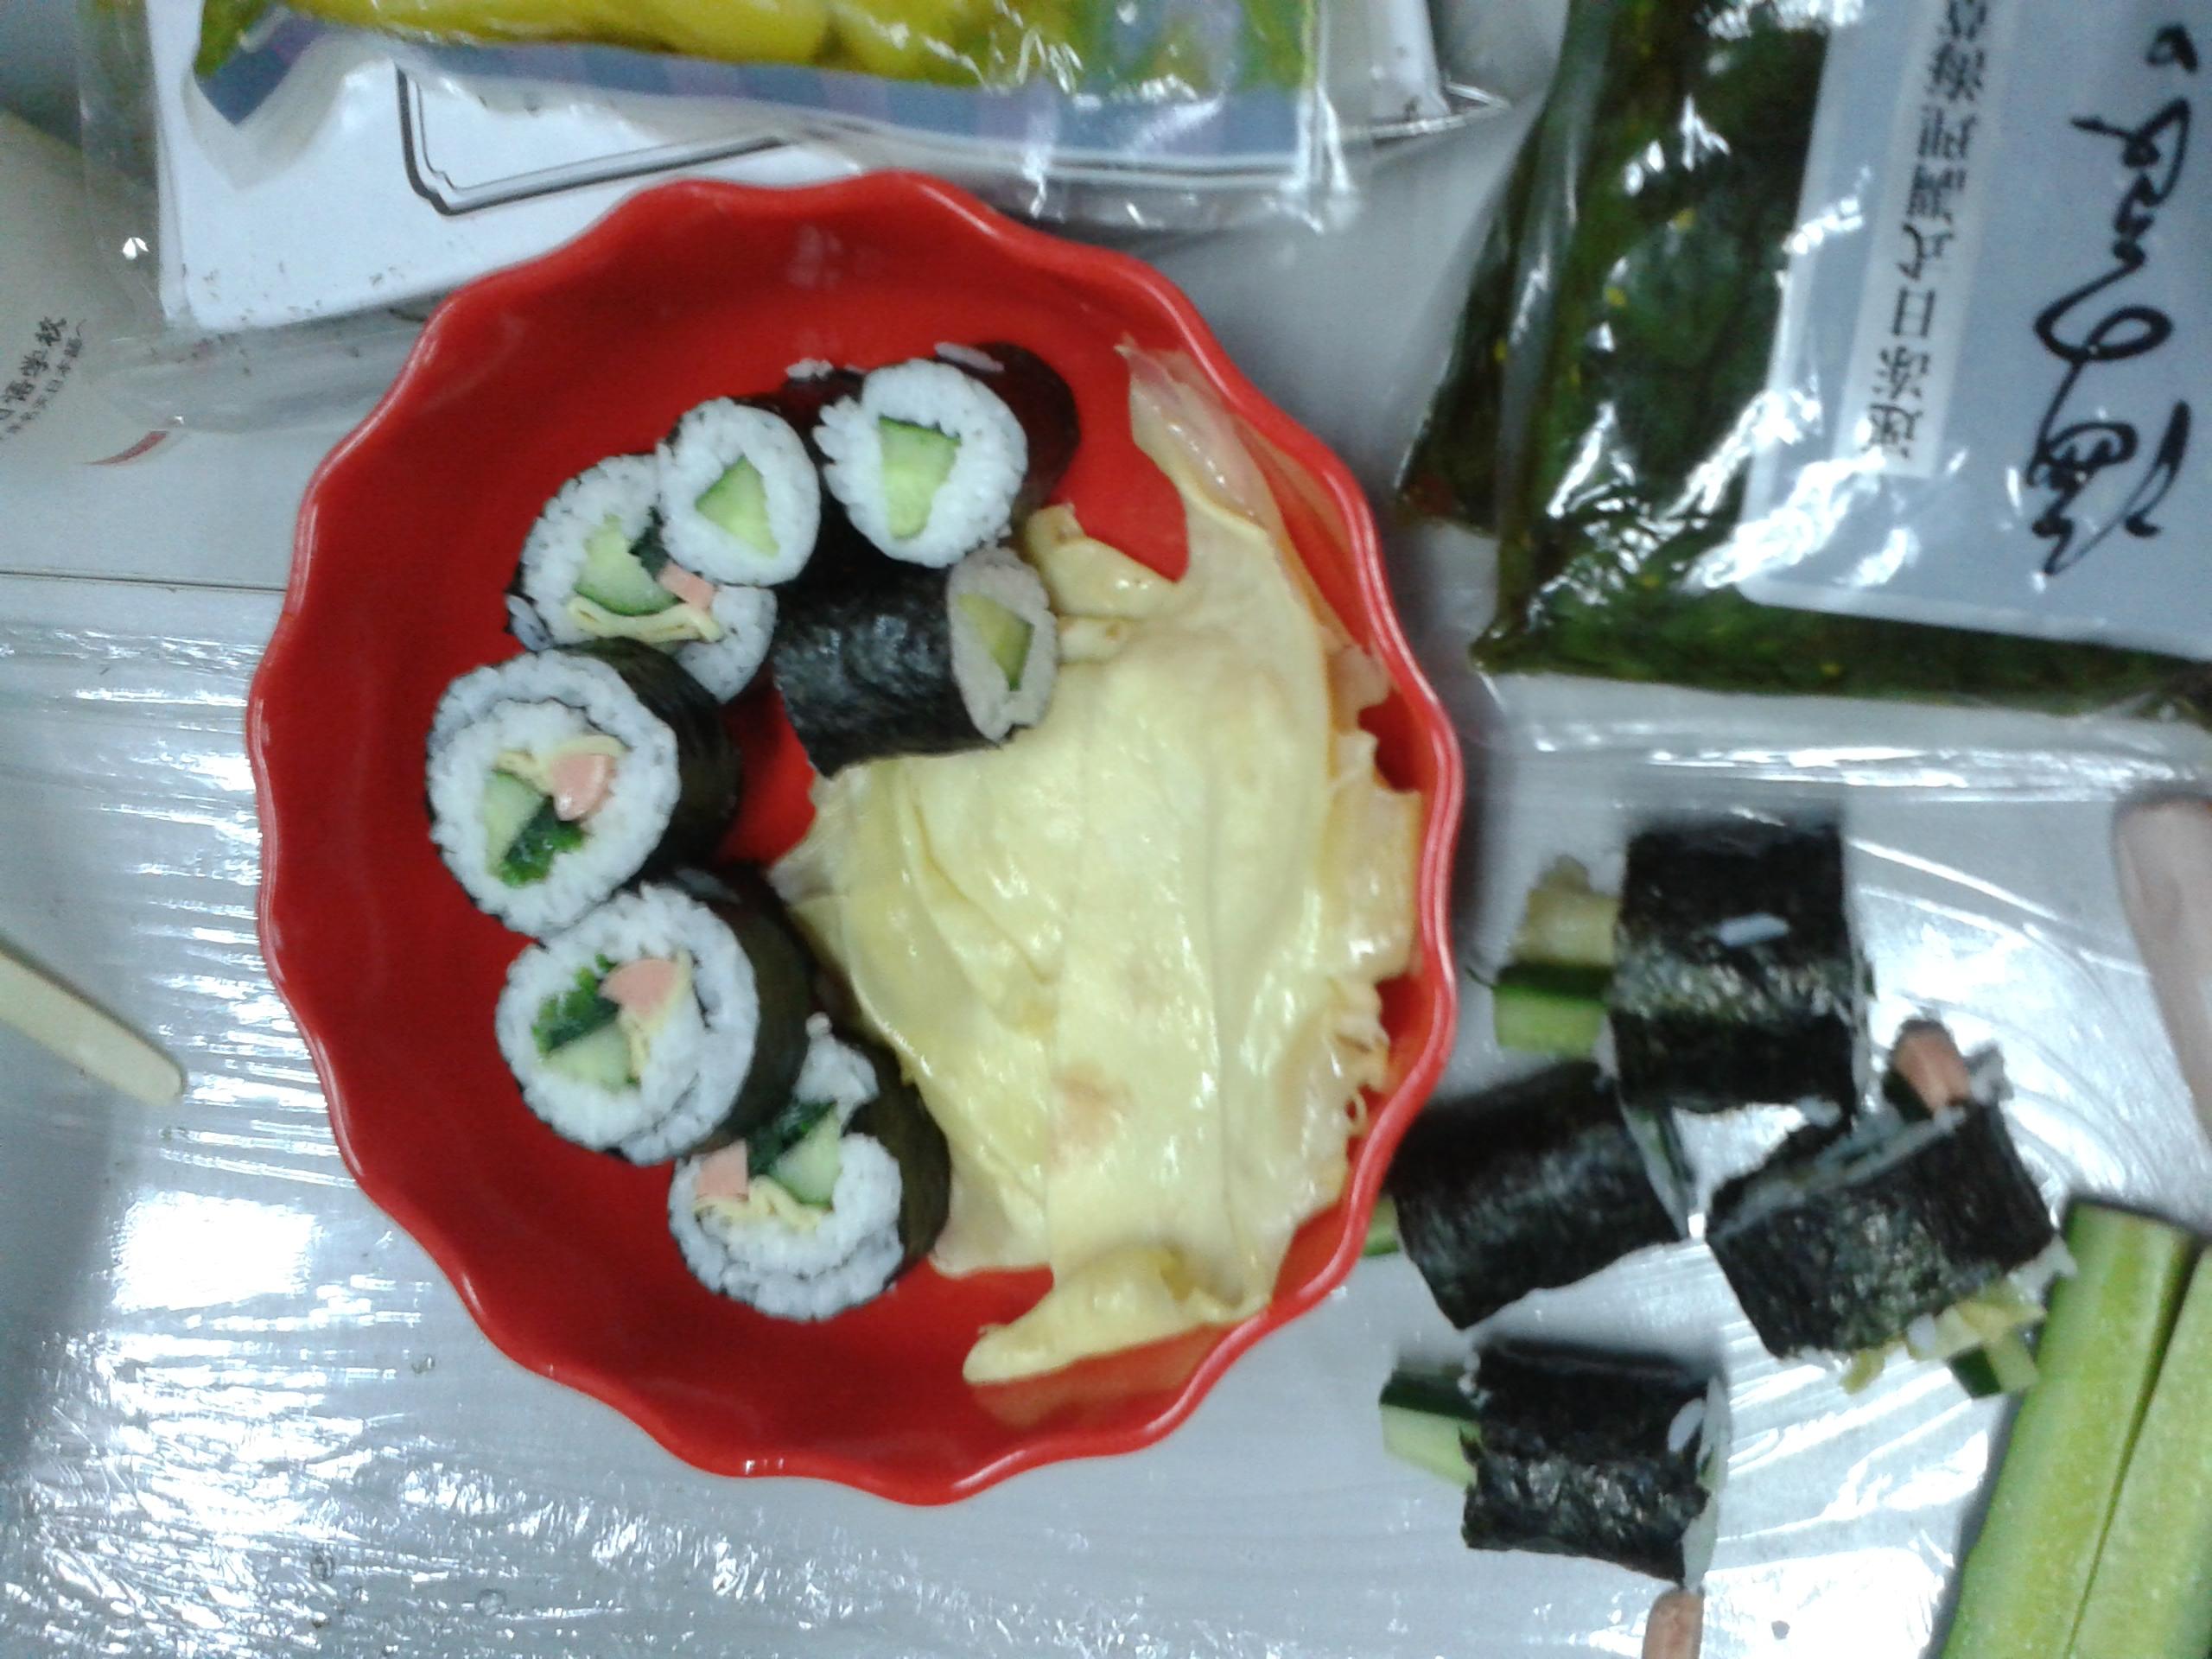 沙龙课:寿司DIY